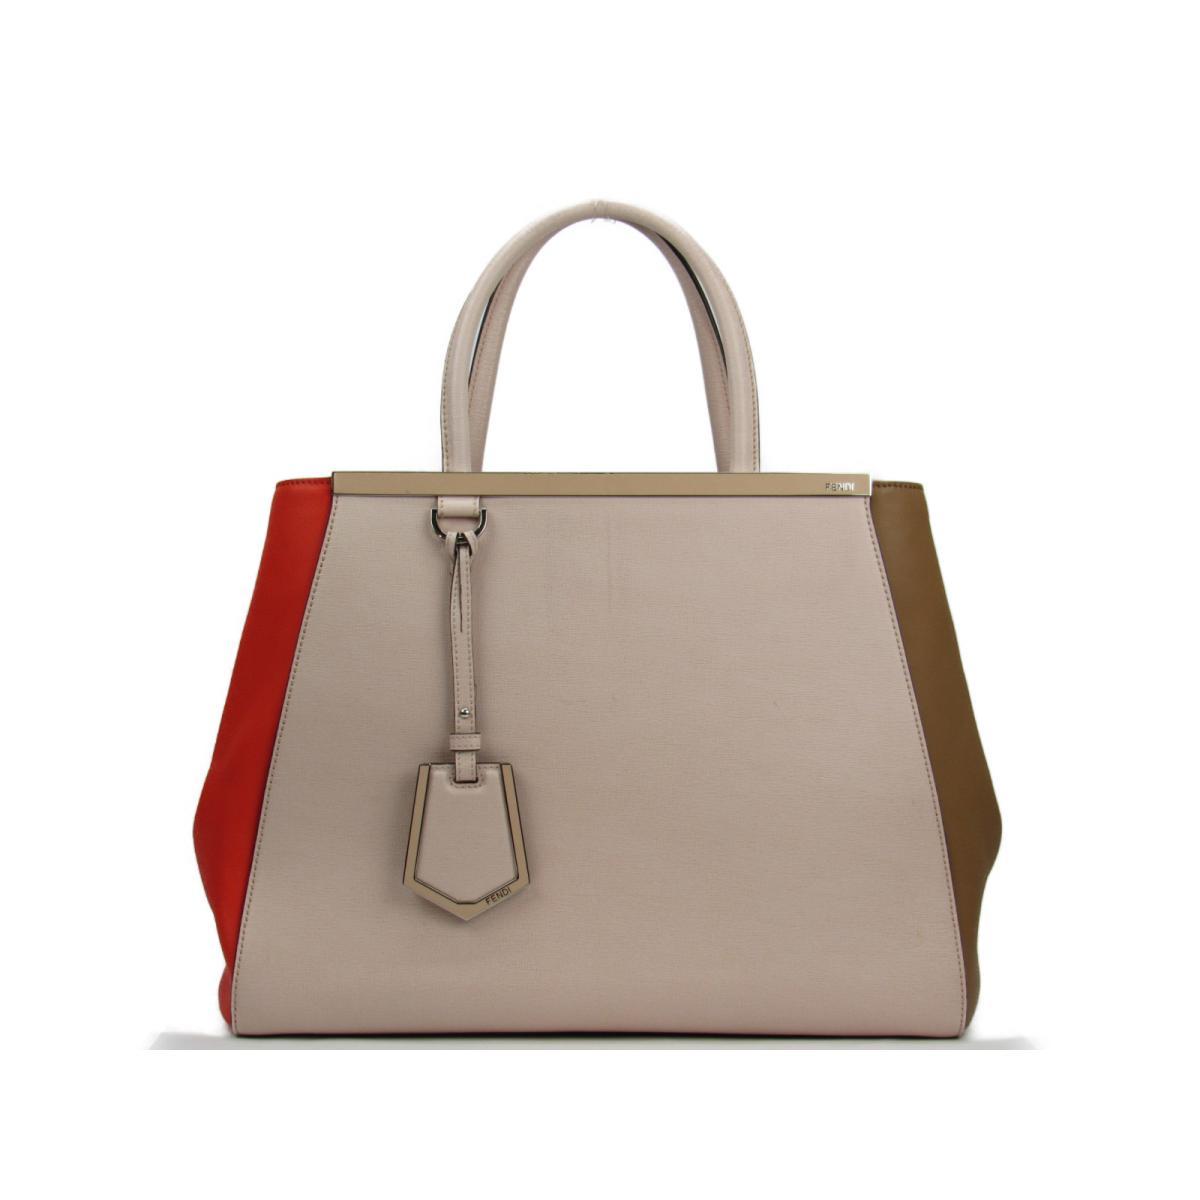 f6a59e42034c BRANDOFF  Authentic FENDI Tou Joule 2way Shoulder Bag leather Beige ...